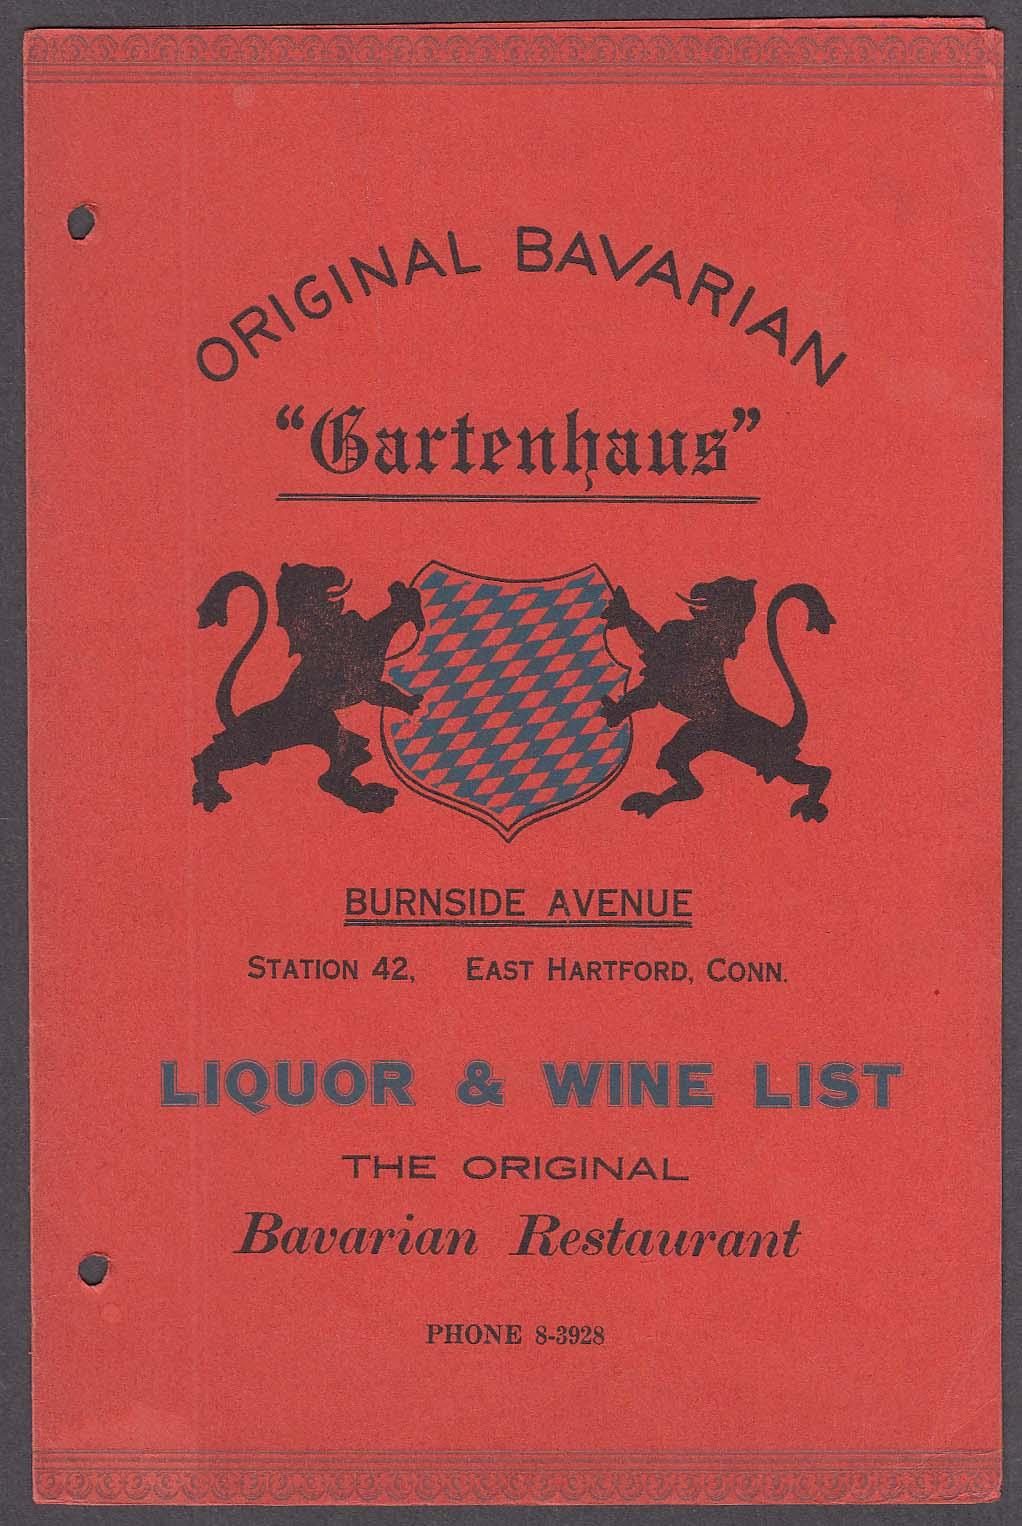 Image for Original Bavarian Gartenhuas Burnside East Hartford CT Liquor & Wine Menu 1940s